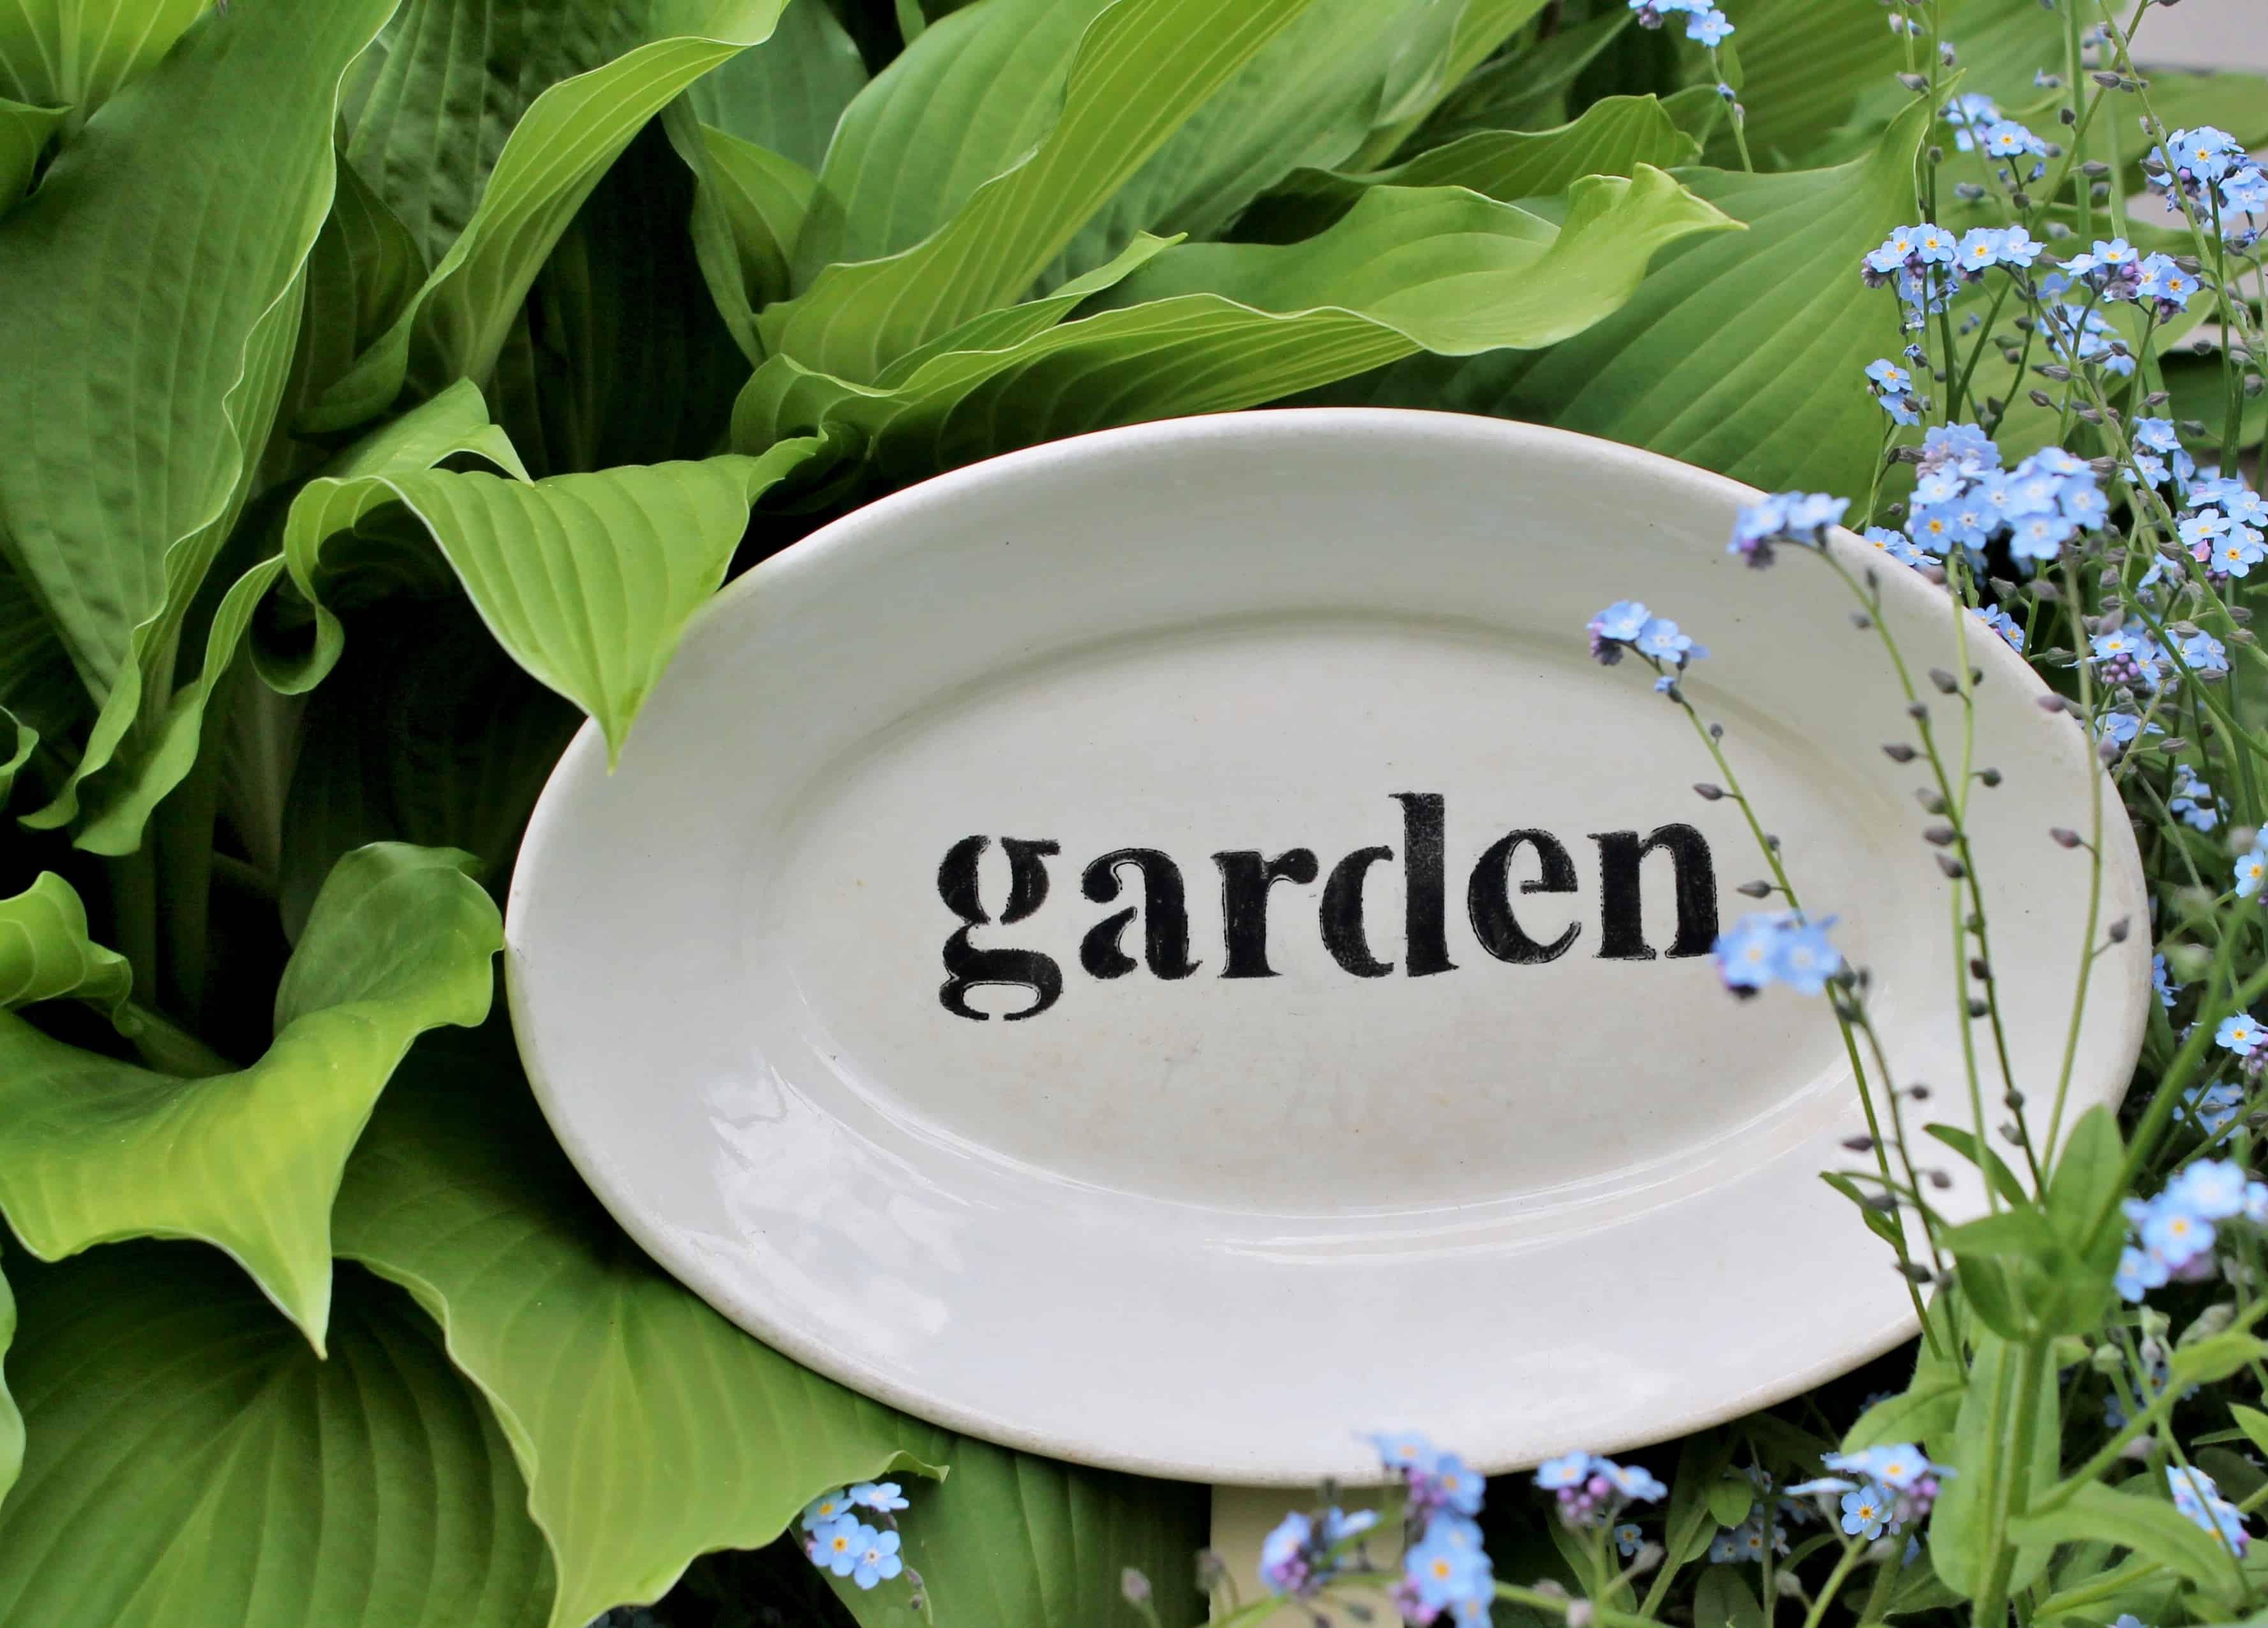 Garden sign on vintage platter (5)